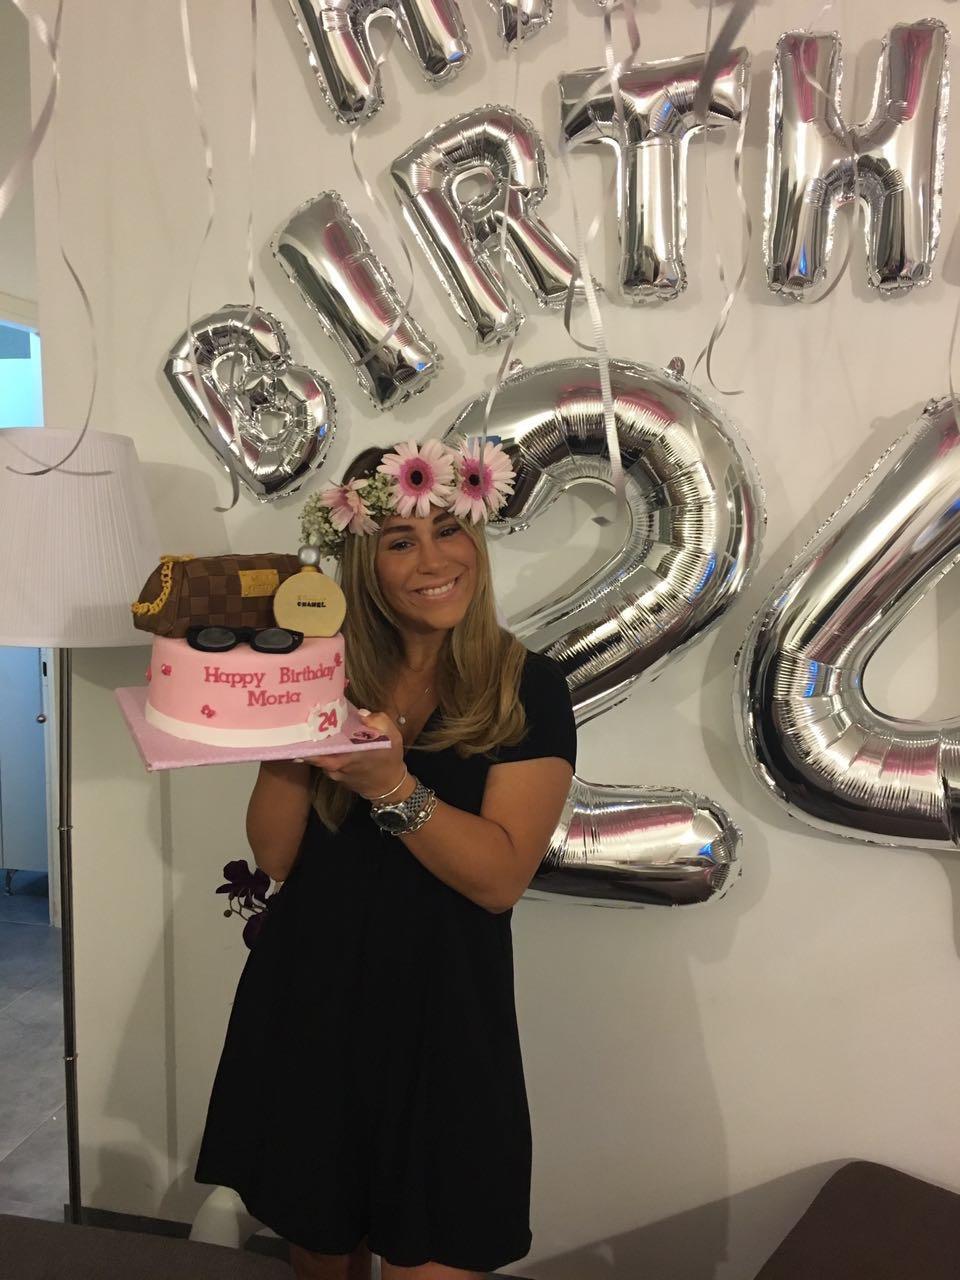 מוריה עם עוגת יום ההולדת שהוכנה עבור